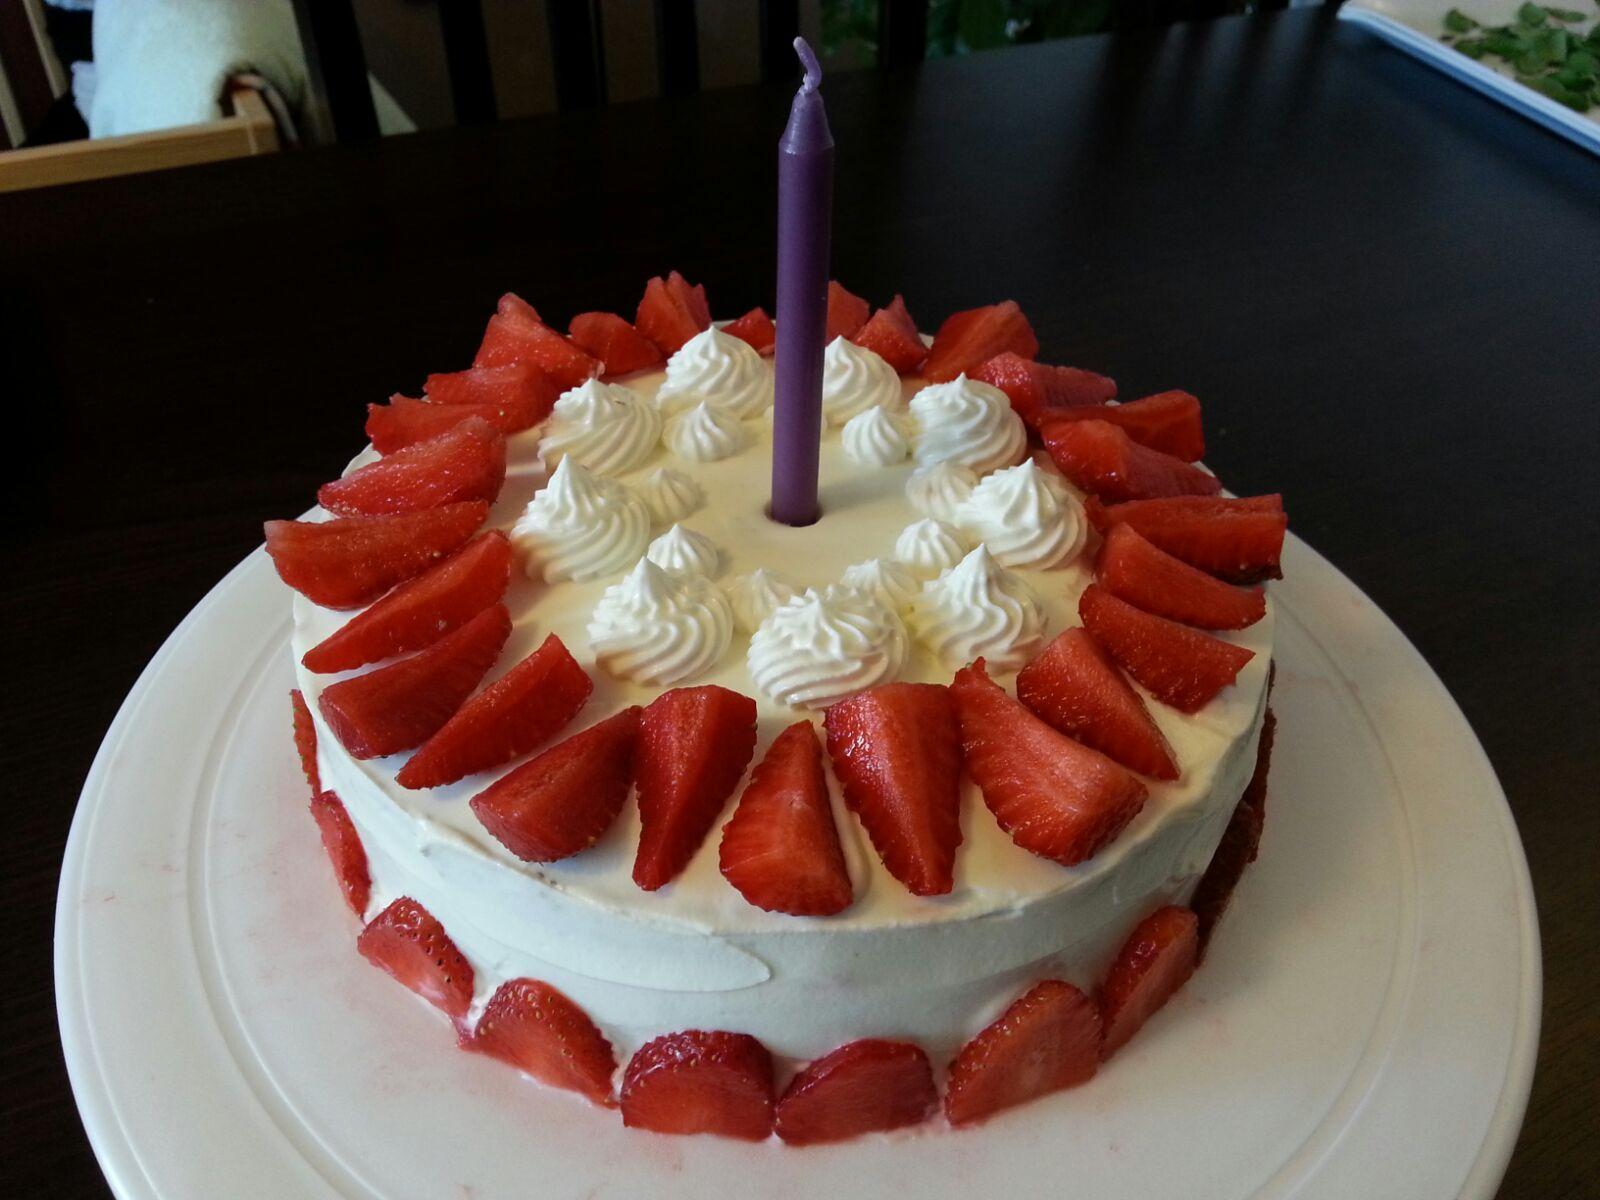 dort k narozeninám Dvě v troubě: Pečeme dětem: Dort k 1. narozeninám   bez cukru dort k narozeninám